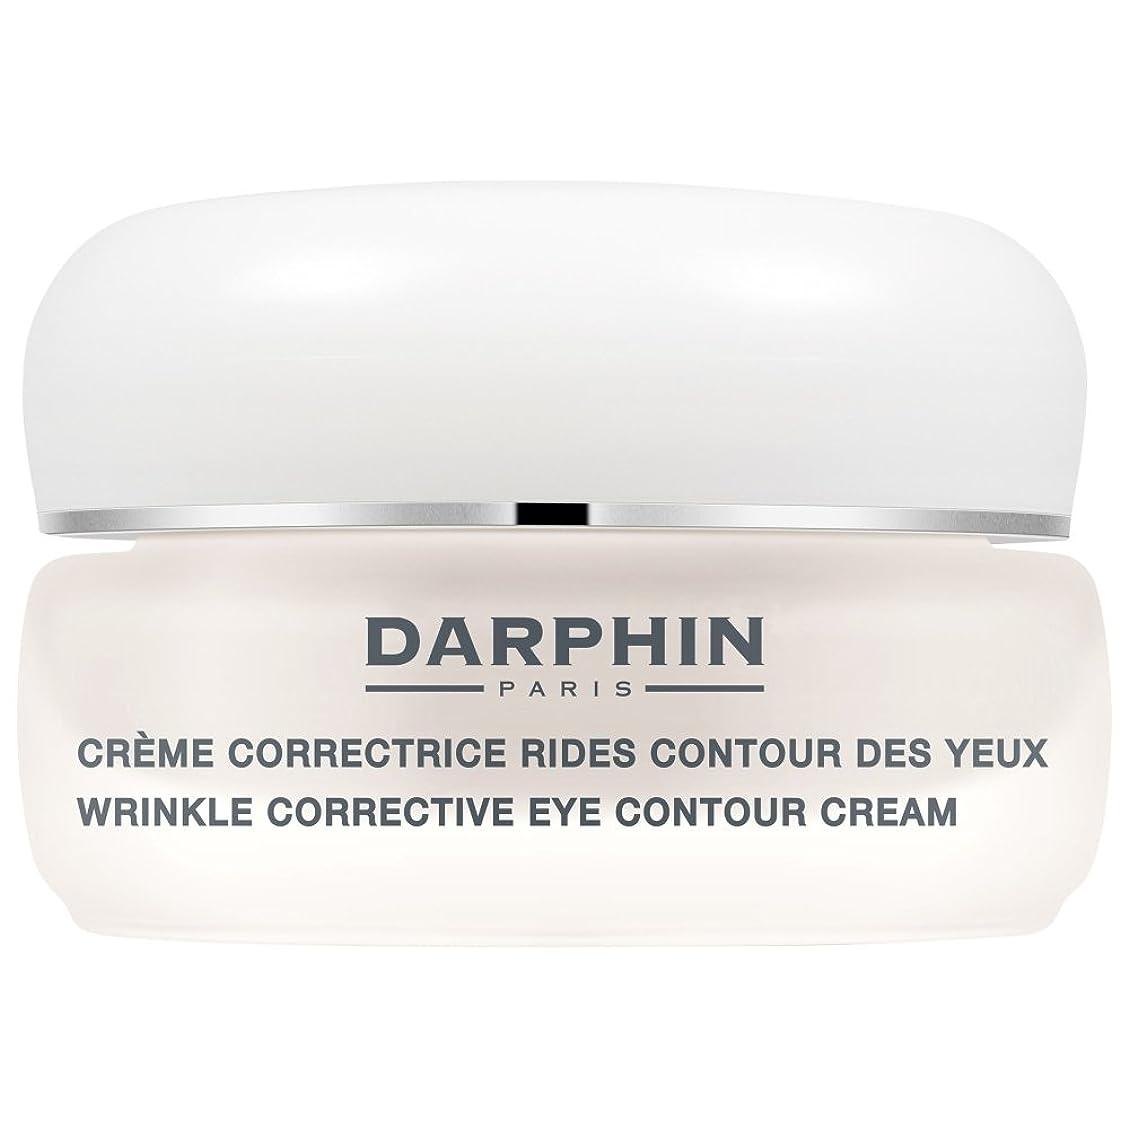 港適応避難ダルファンのシワ矯正アイ輪郭クリーム15ミリリットル (Darphin) - Darphin Wrinkle Corrective Eye Contour Cream 15ml [並行輸入品]